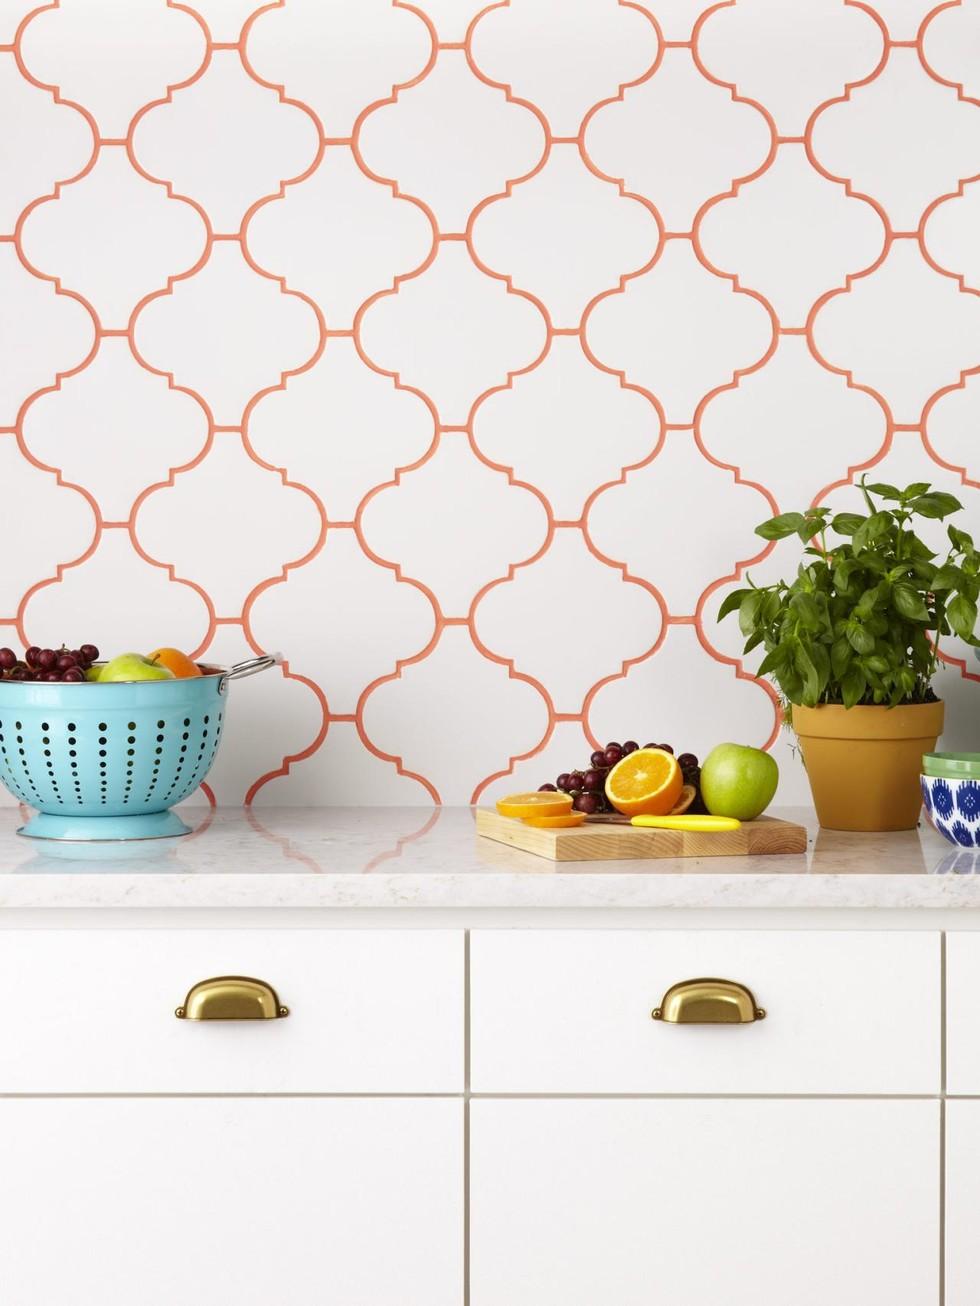 http://www.hgtv.com/design/rooms/kitchens/5-clever-tile-backsplash-designs-pictures?soc=pinterest